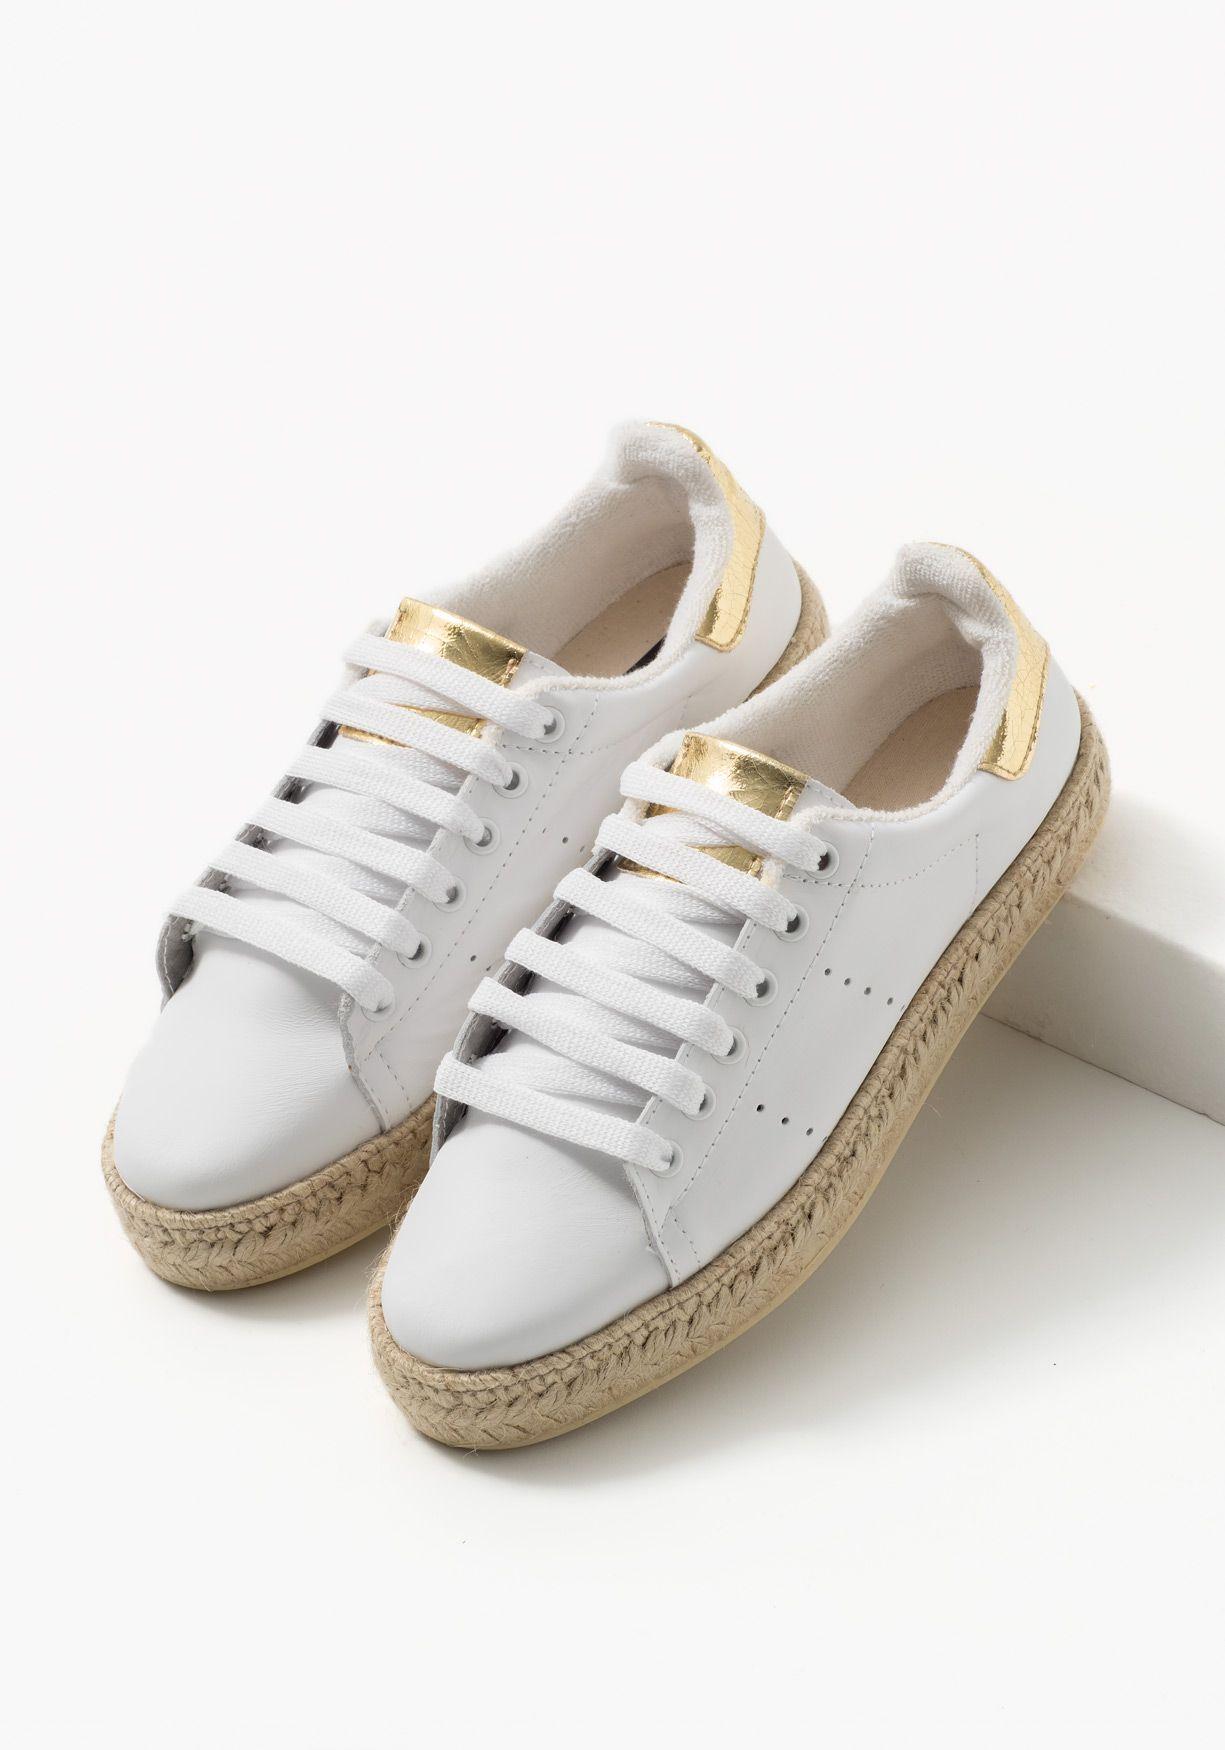 0b944192ae7 Zapatos deportivos de piel para mujer con esparto y cordones. Fabricados en  EspañaComposición Empeine: